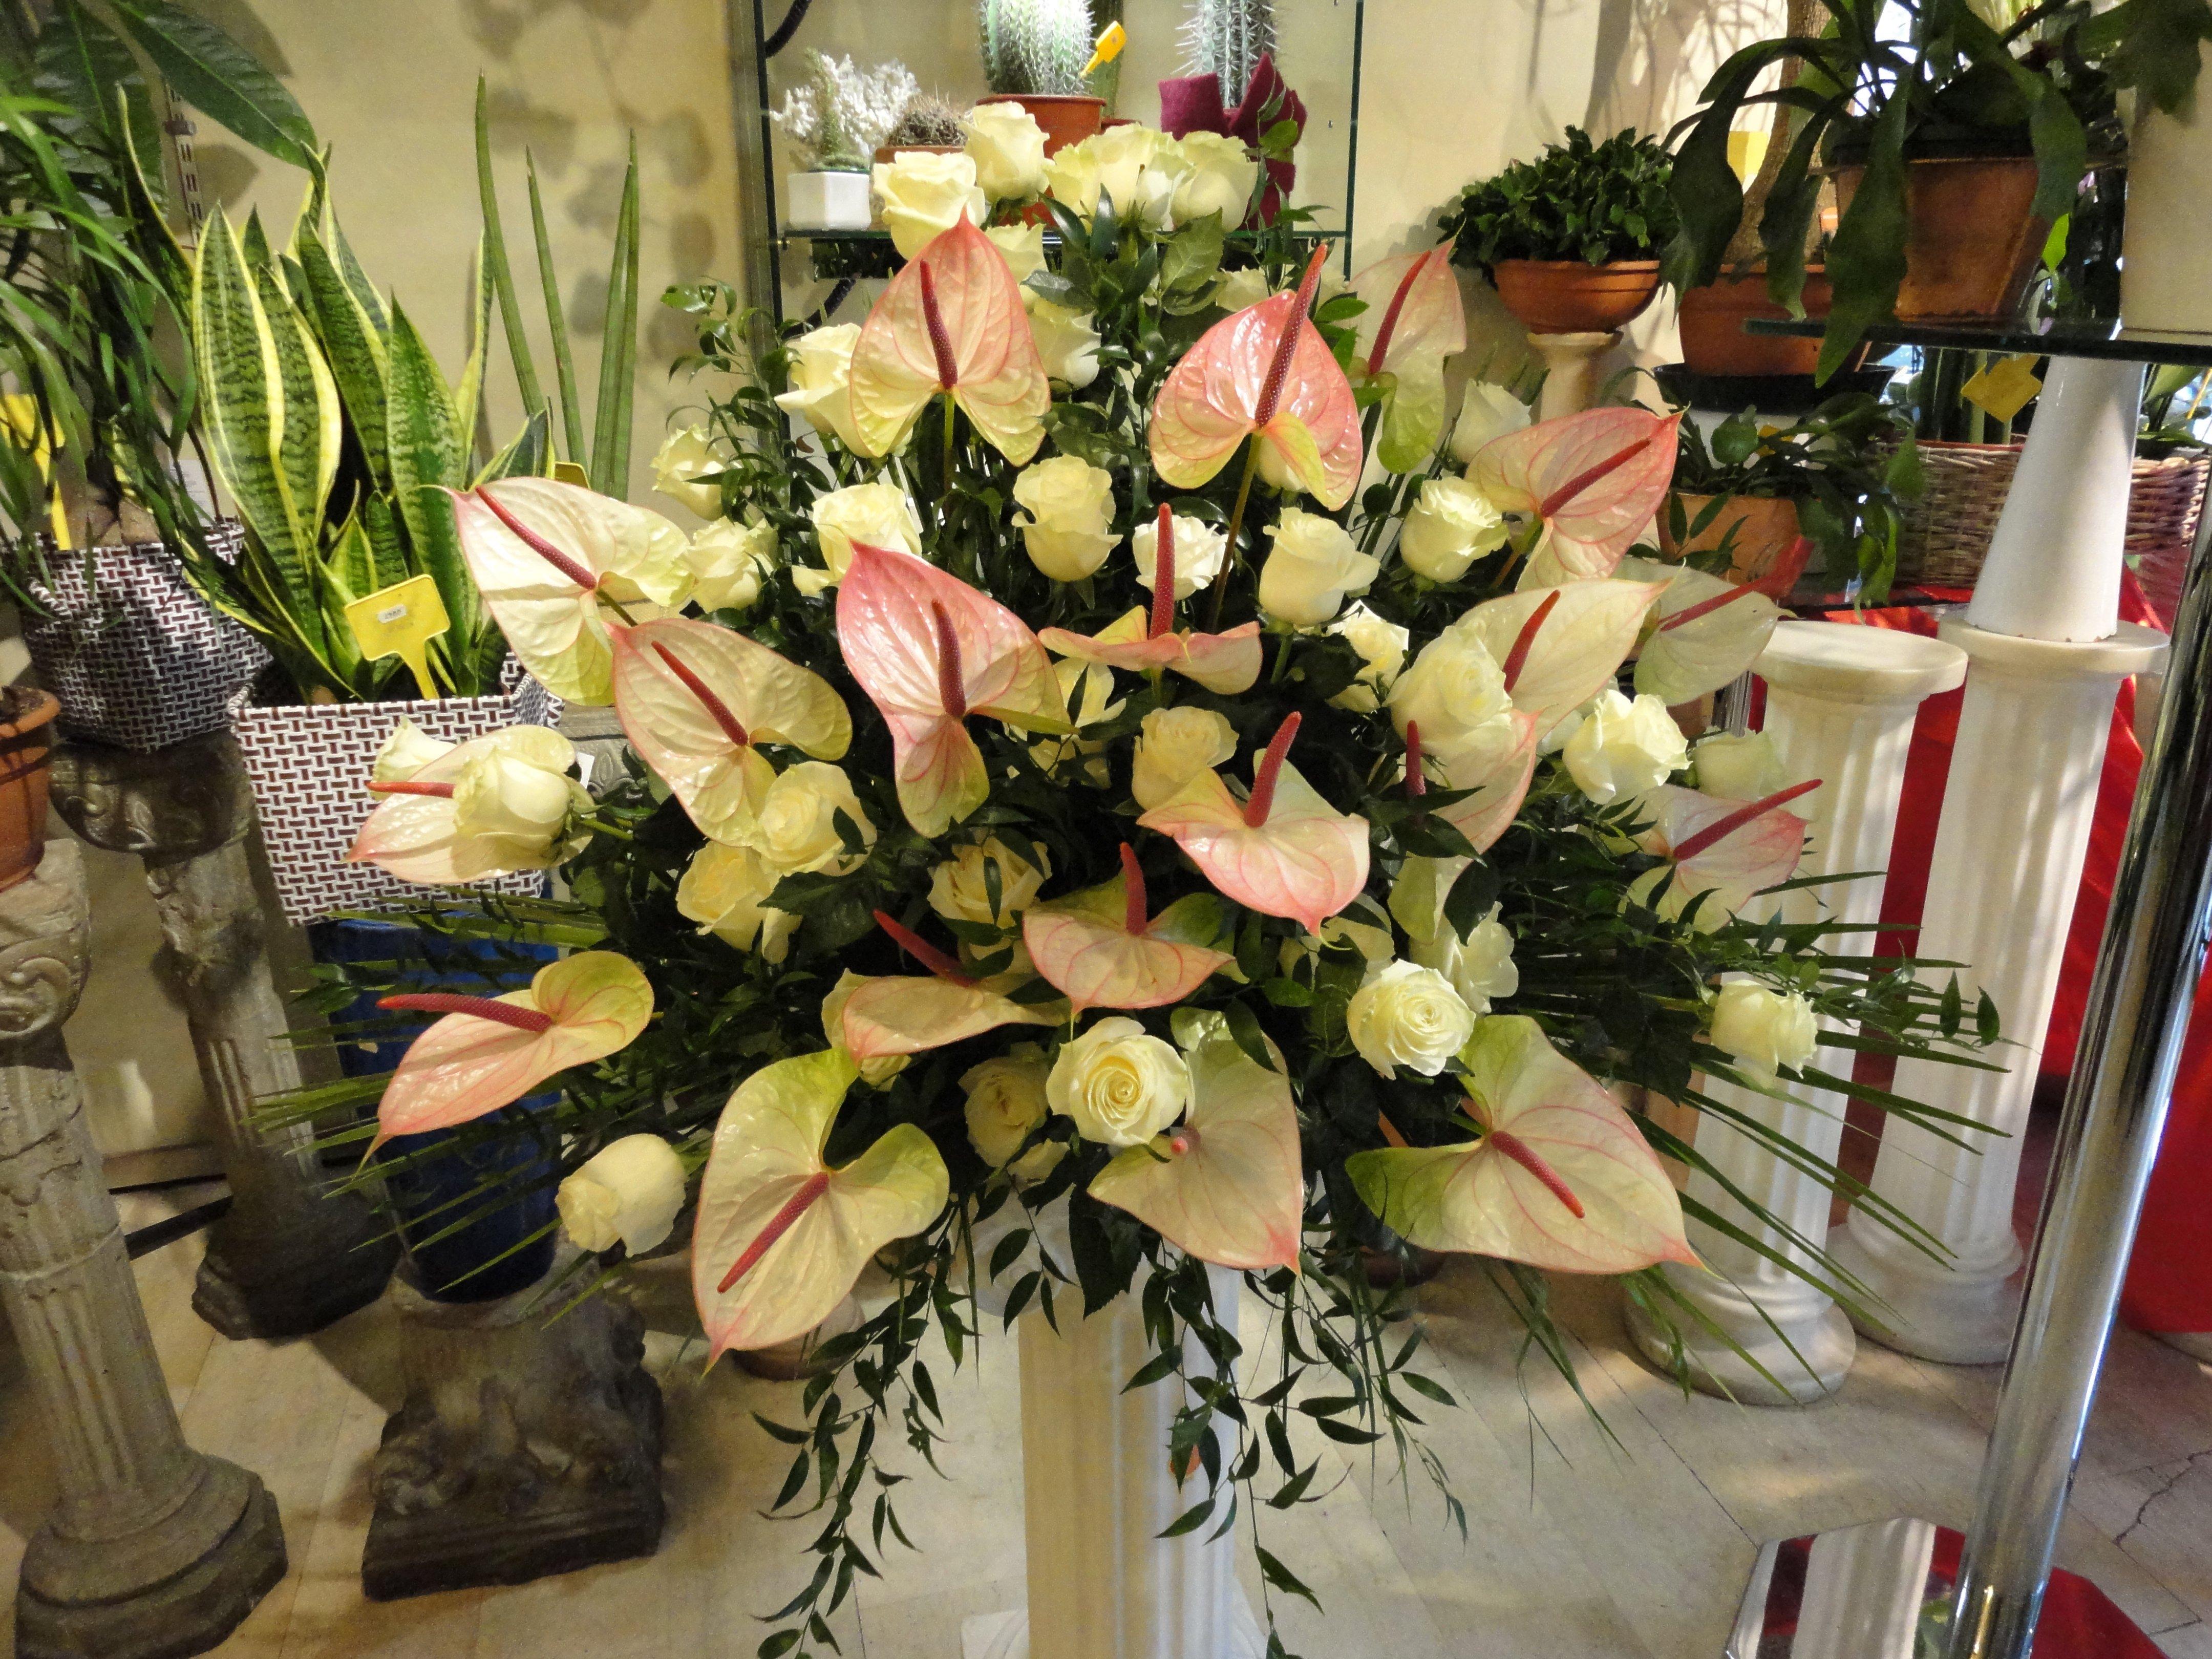 calle e ricco assortimento di fiori